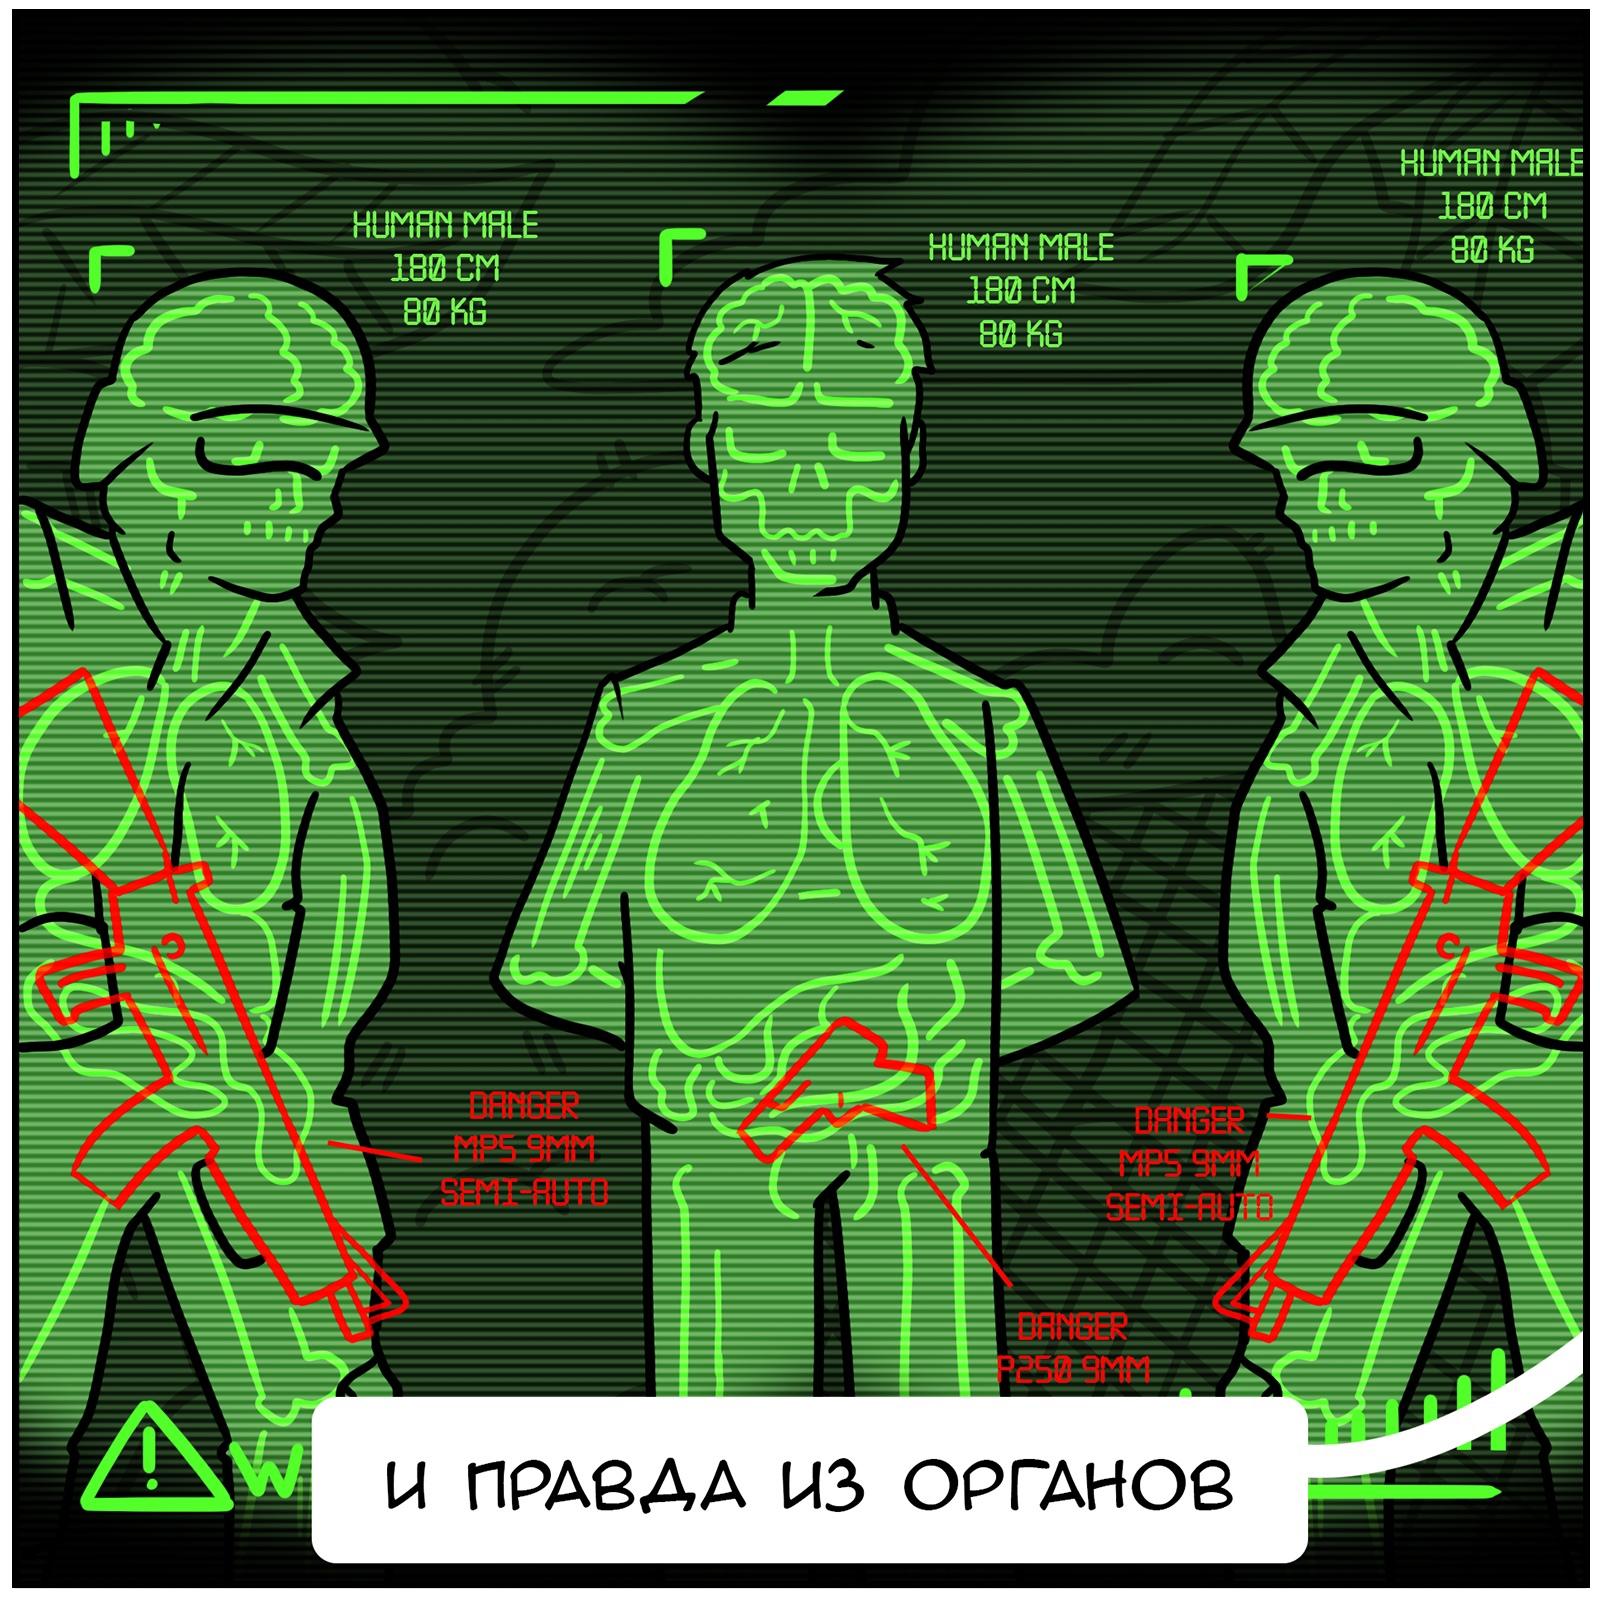 Откройте, мы из органов